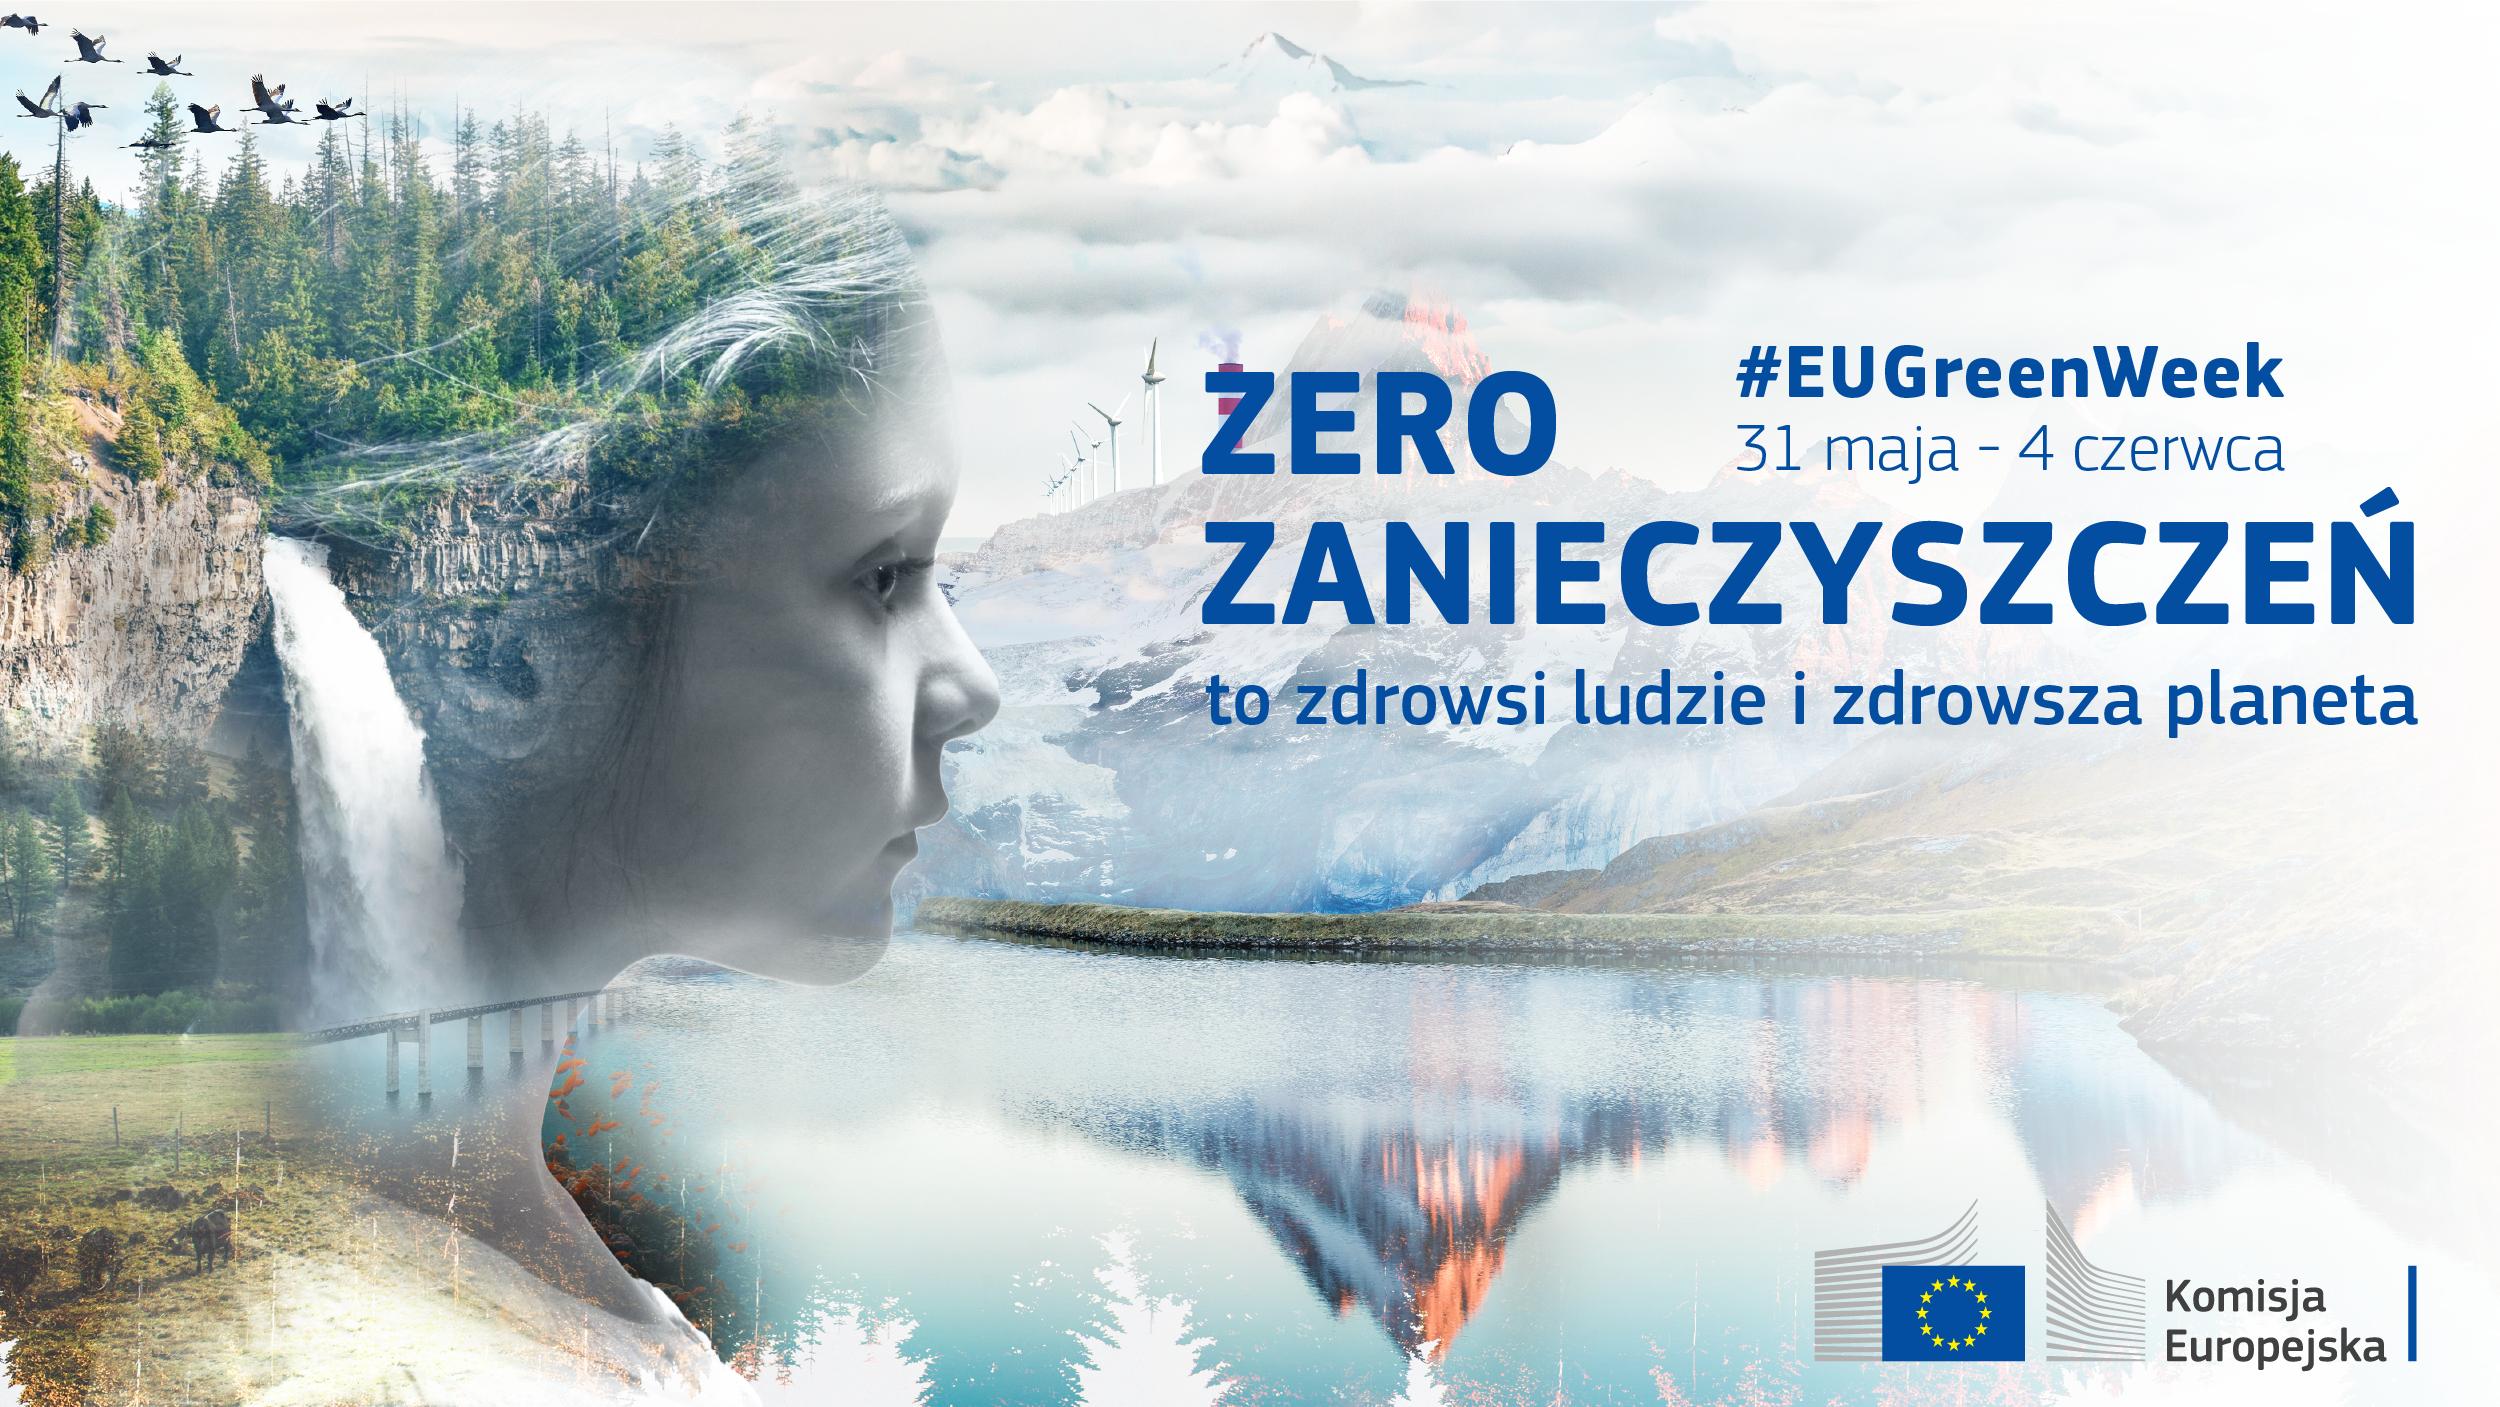 """Europejski Zielony Tydzień 2021 pod hasłem """"Zero zanieczyszczeń"""""""